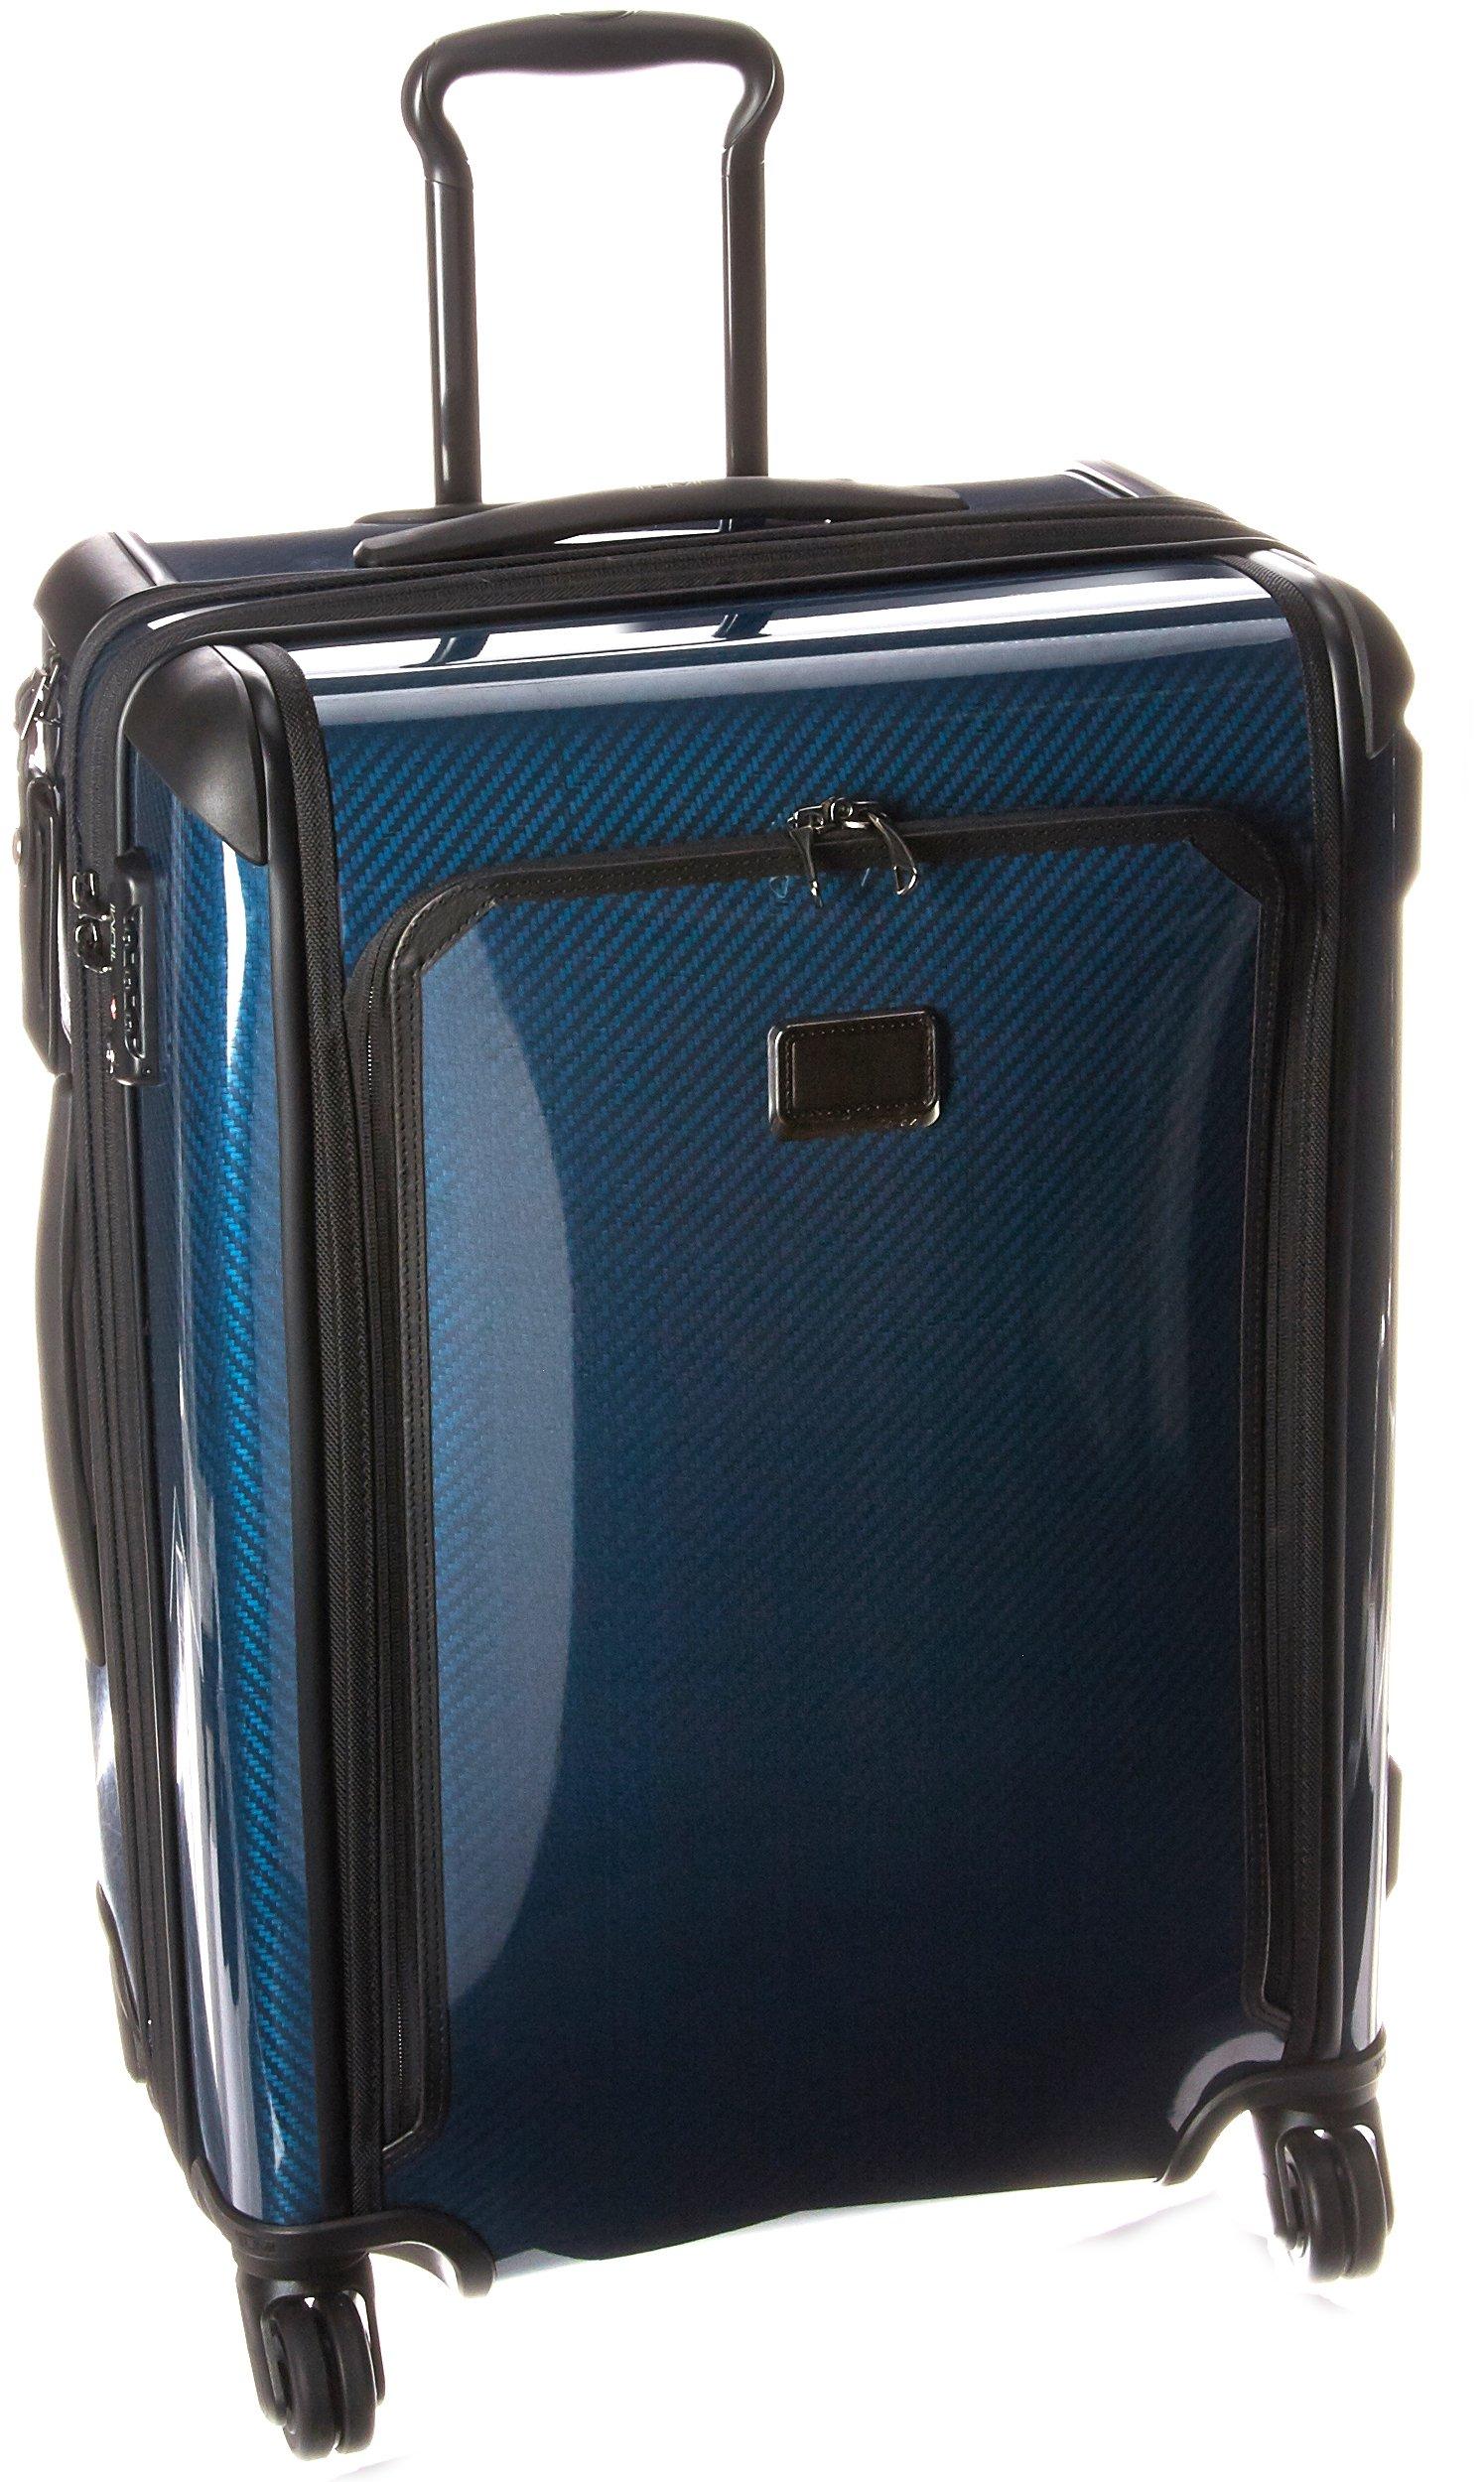 Tumi Tegra Lite Max Large Trip Expandable Packing Case, Blue